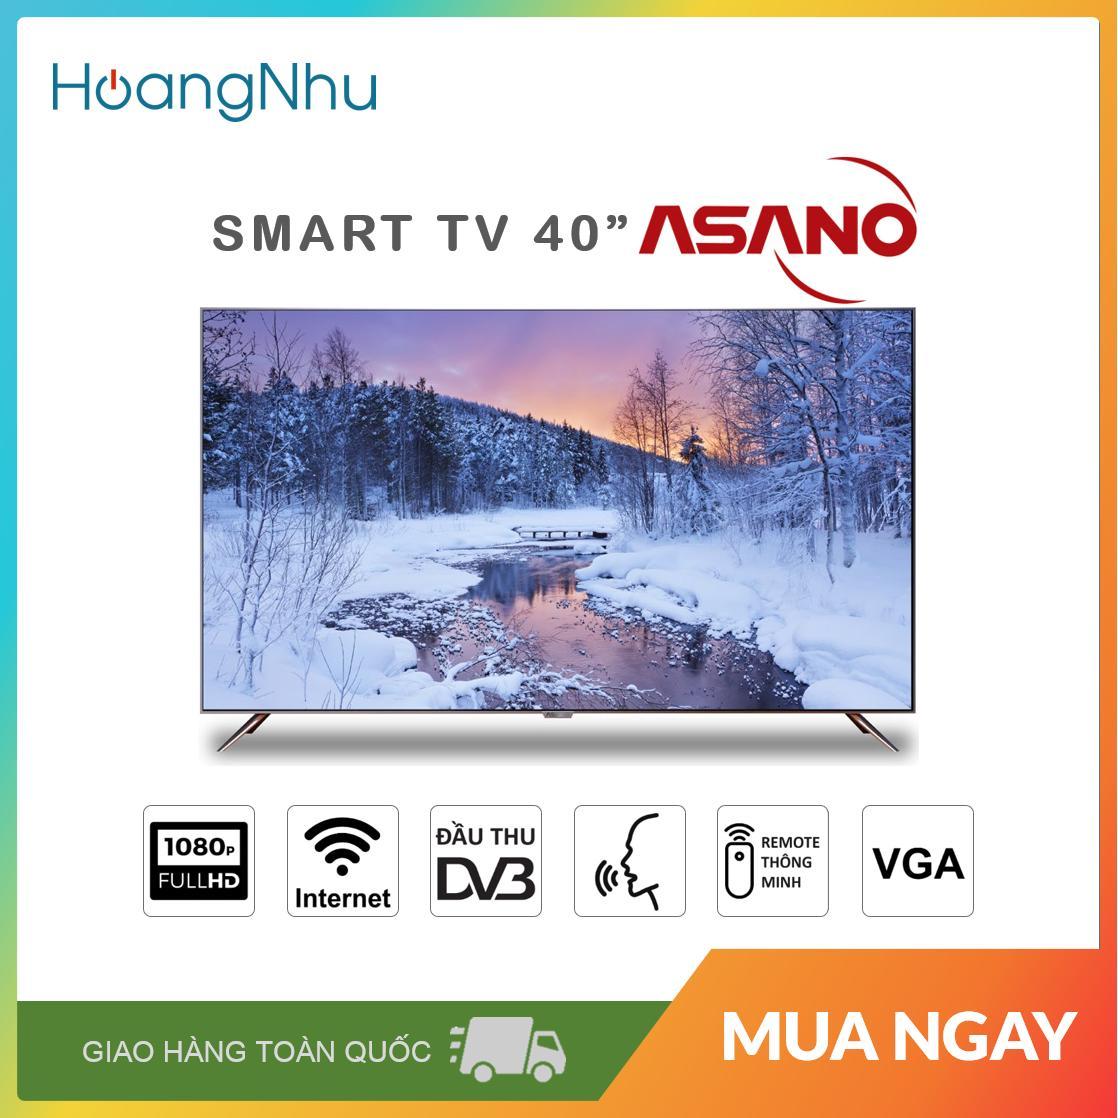 Bảng giá Smart Voice TV Asano 40 inch 40EK7 (Full HD, Android 7.1.1, Wifi, Bluetooth, Truyền hình KTS) - Bảo hành toàn quốc 2 năm